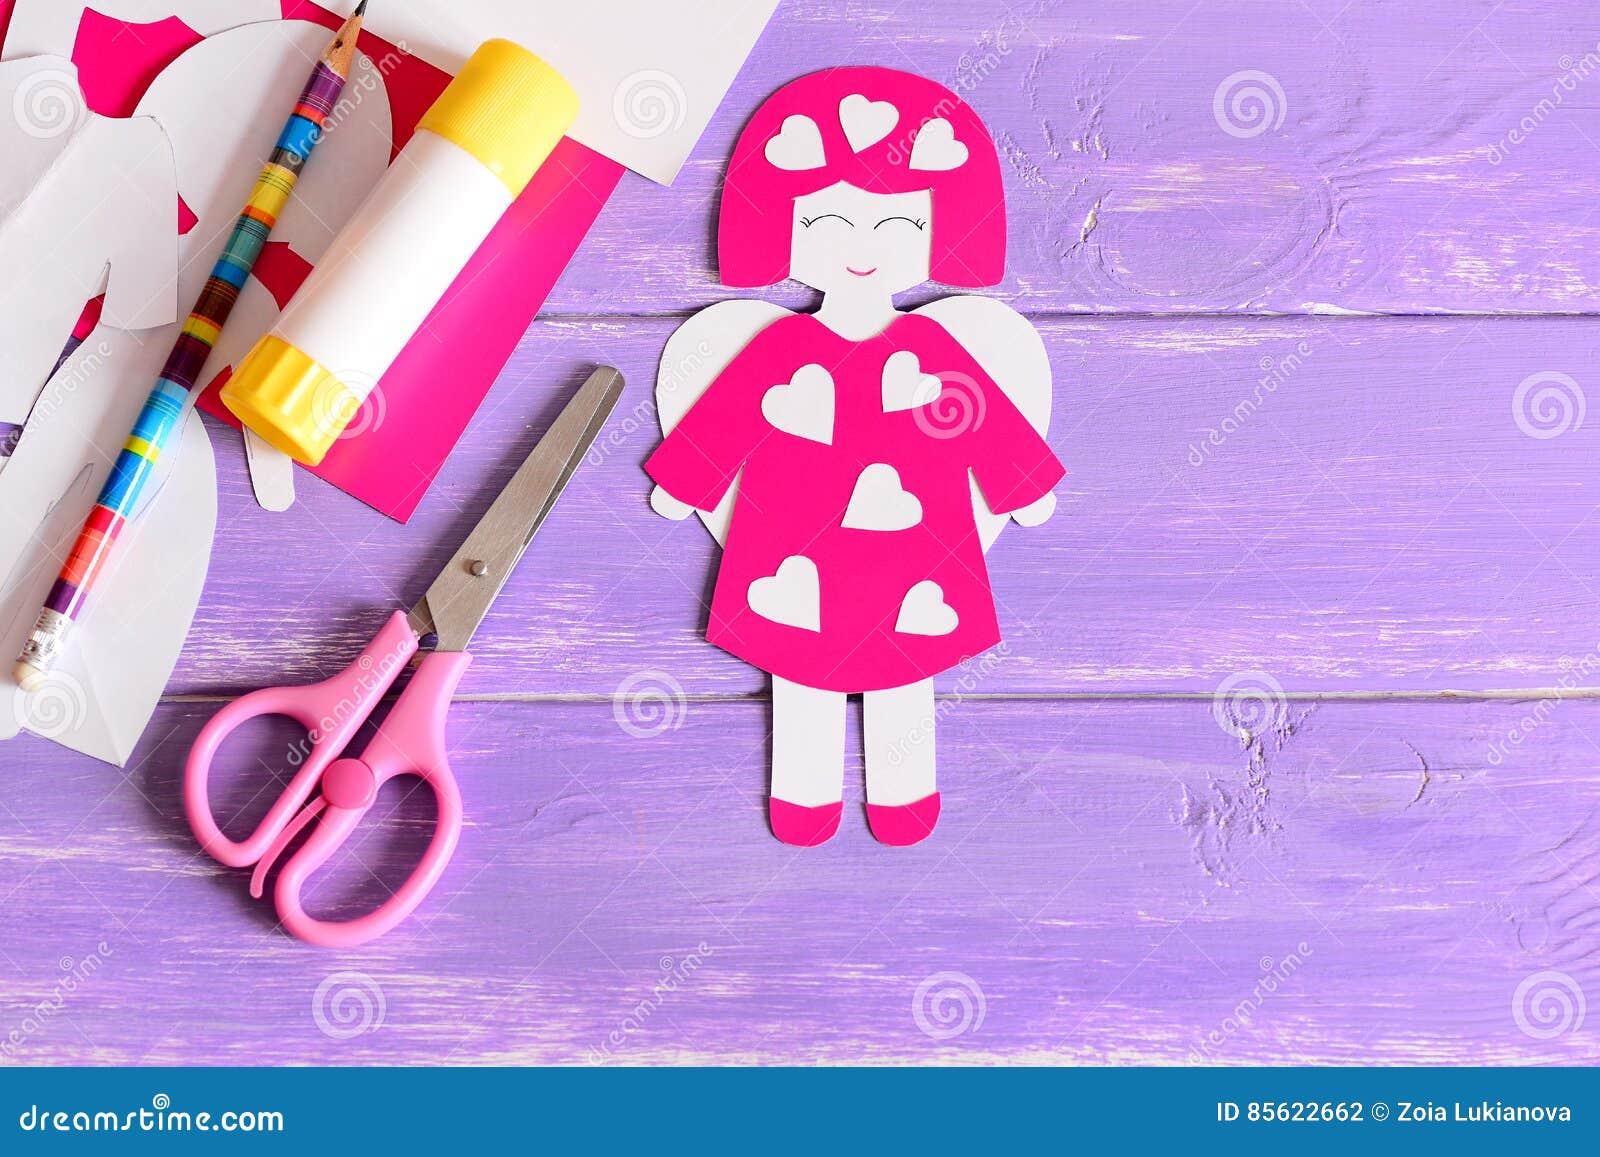 Cute Angel Crafts From Paper Scissors Glue Stick Cardboard Sheets